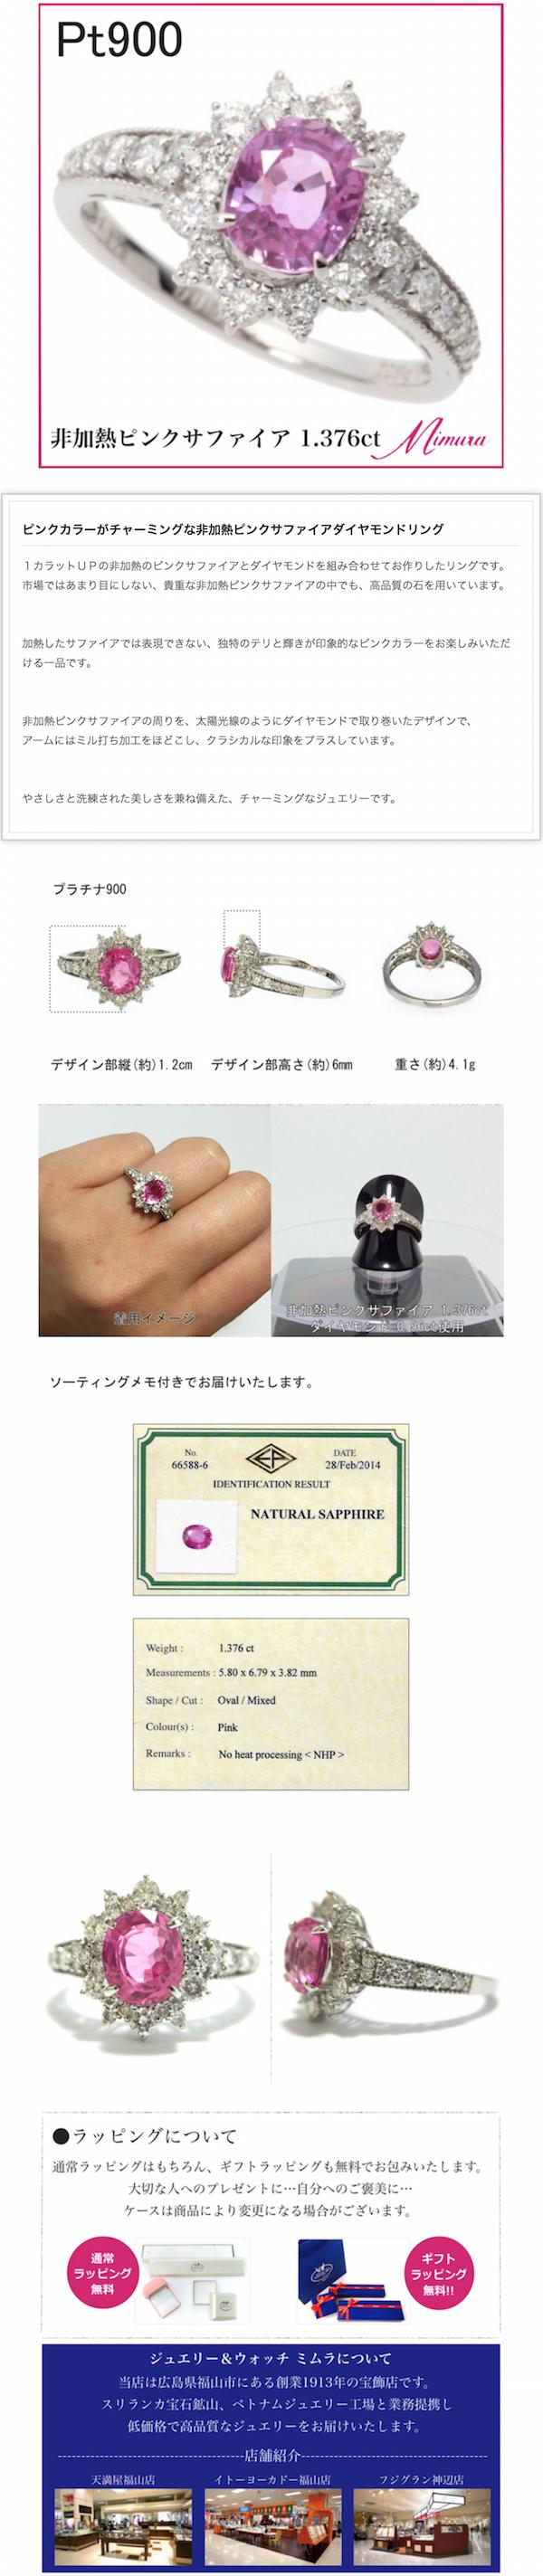 非加熱天然ピンクサファイアダイヤモンドリング